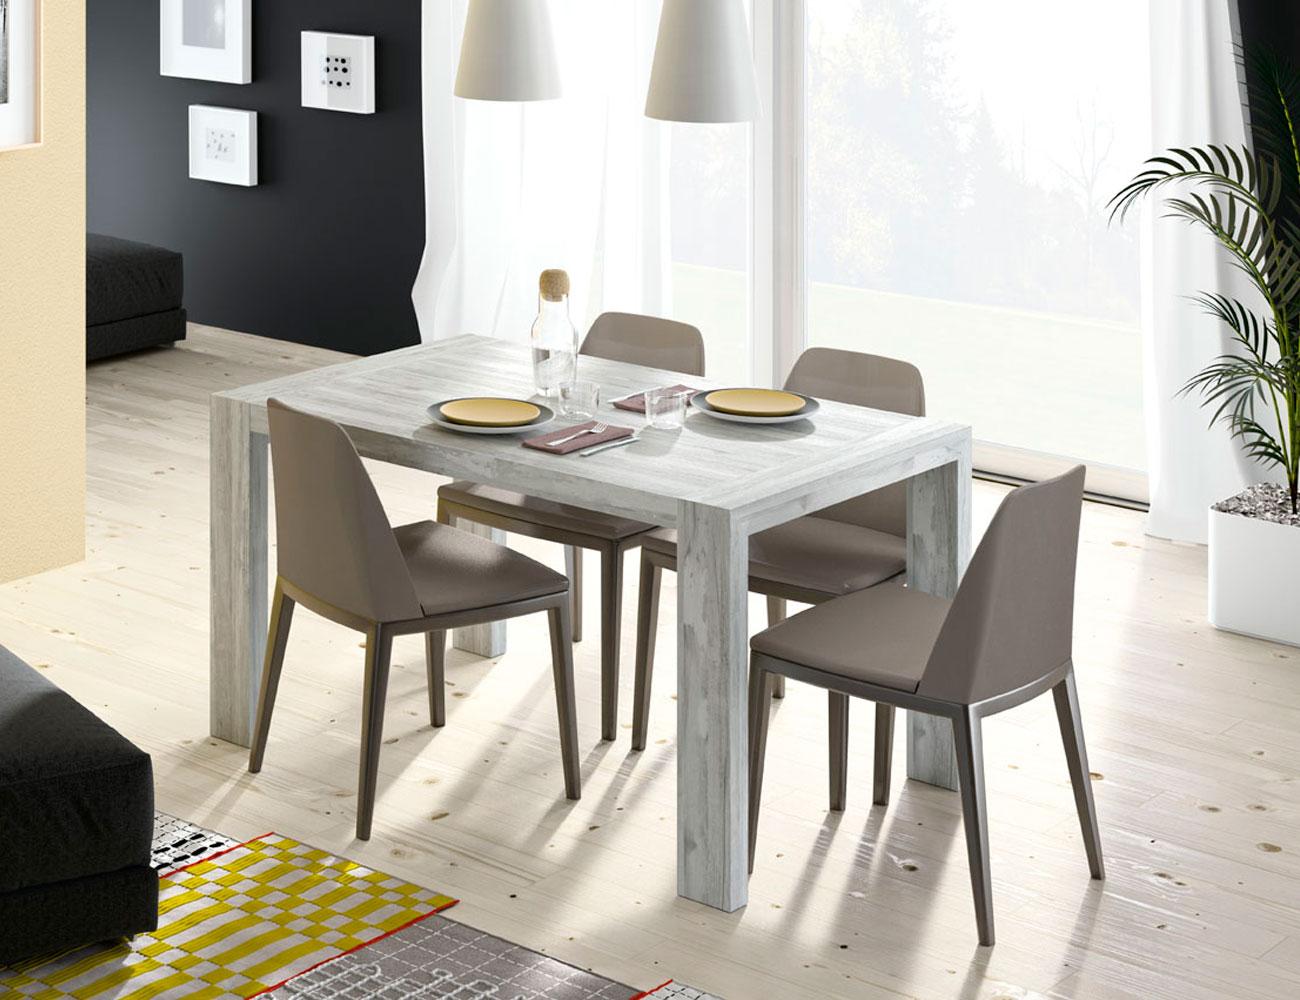 173 mesa rectangular pata deslizante artic4